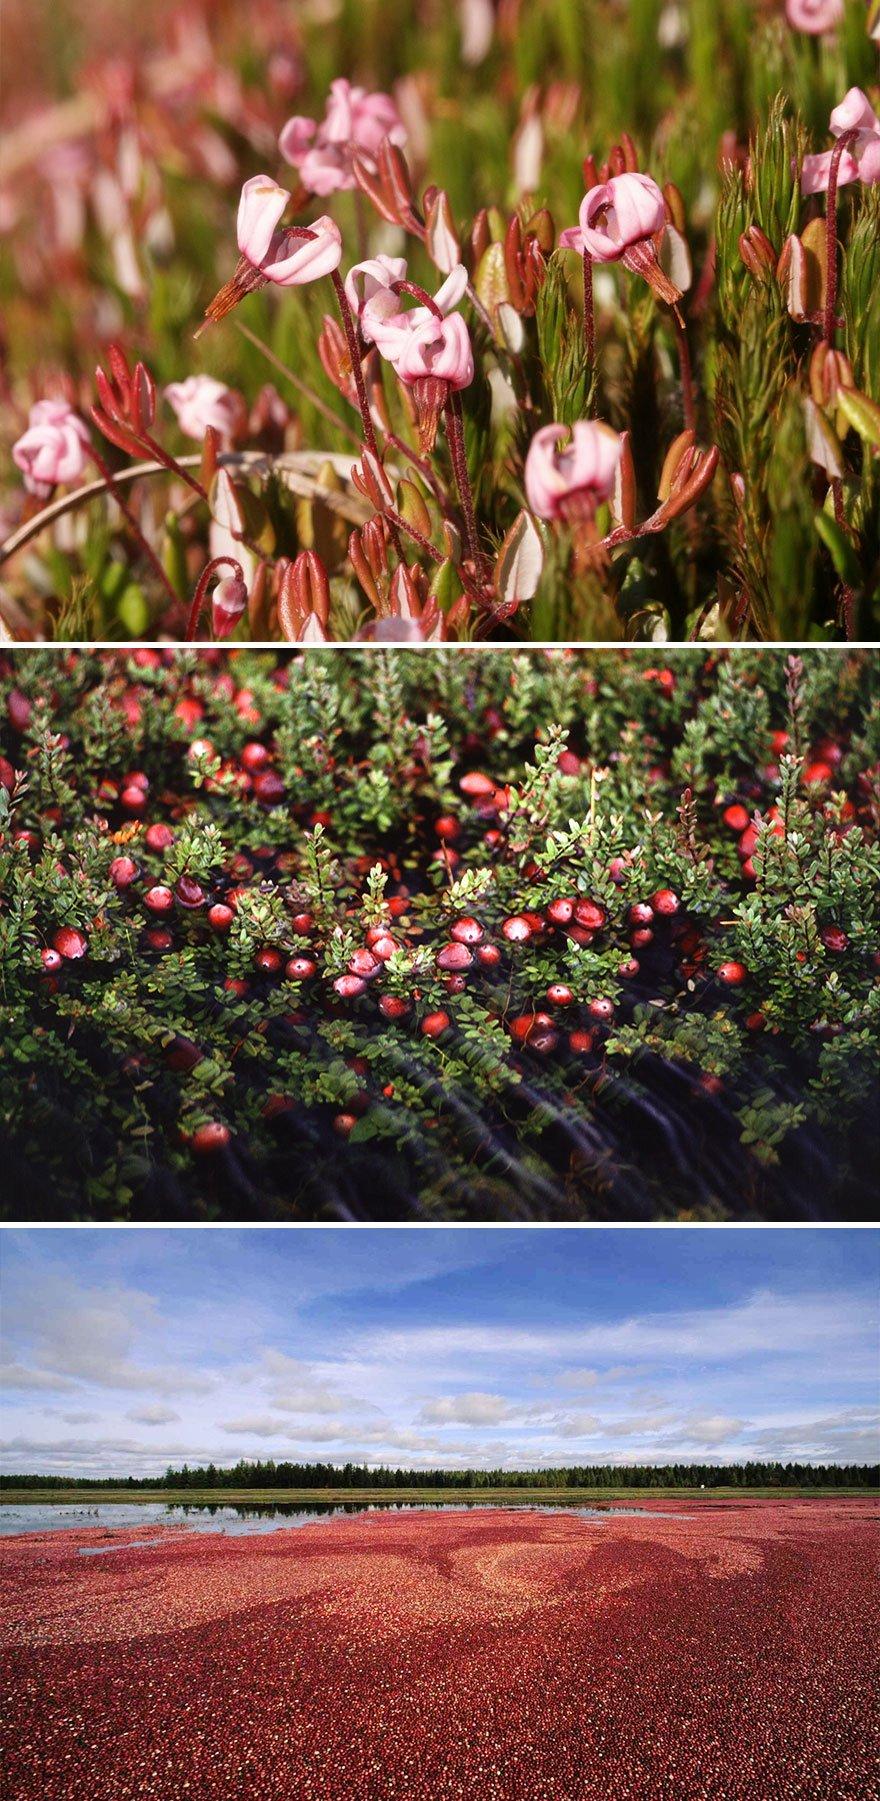 как выглядят продукты до сбора урожая